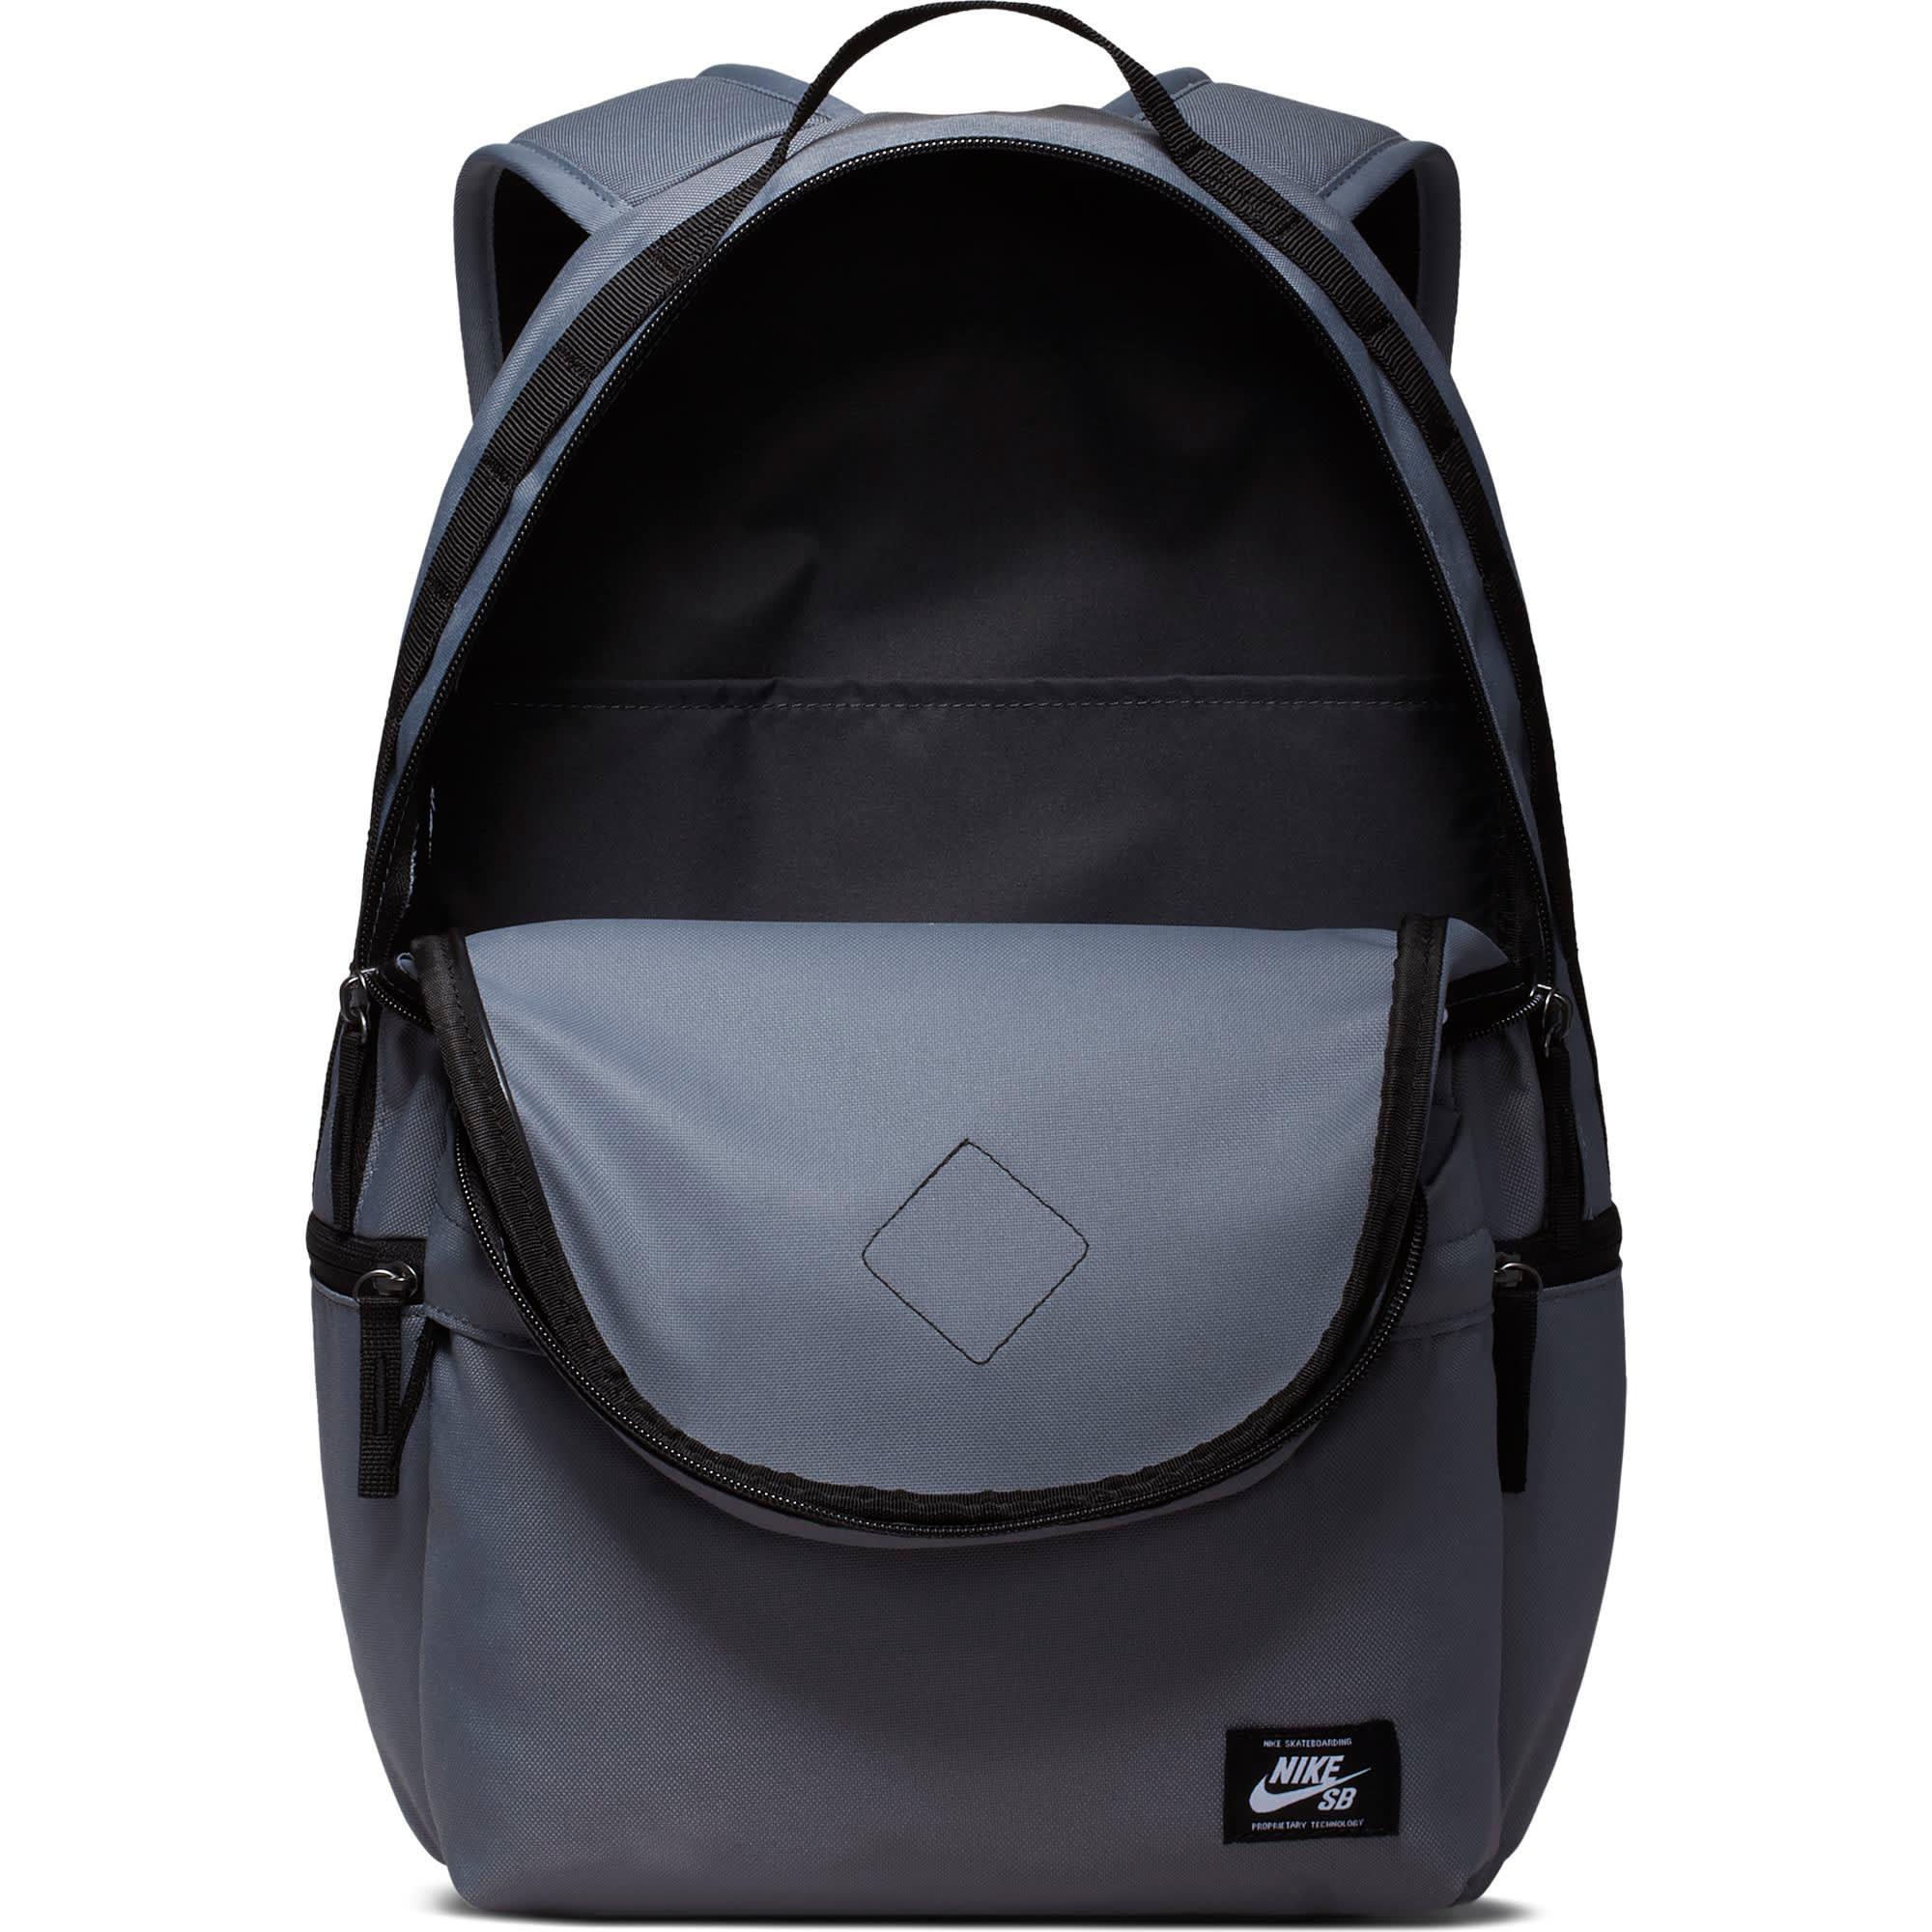 Nike SB Icon Backpack - thumbnail 2 dea30b8a05920